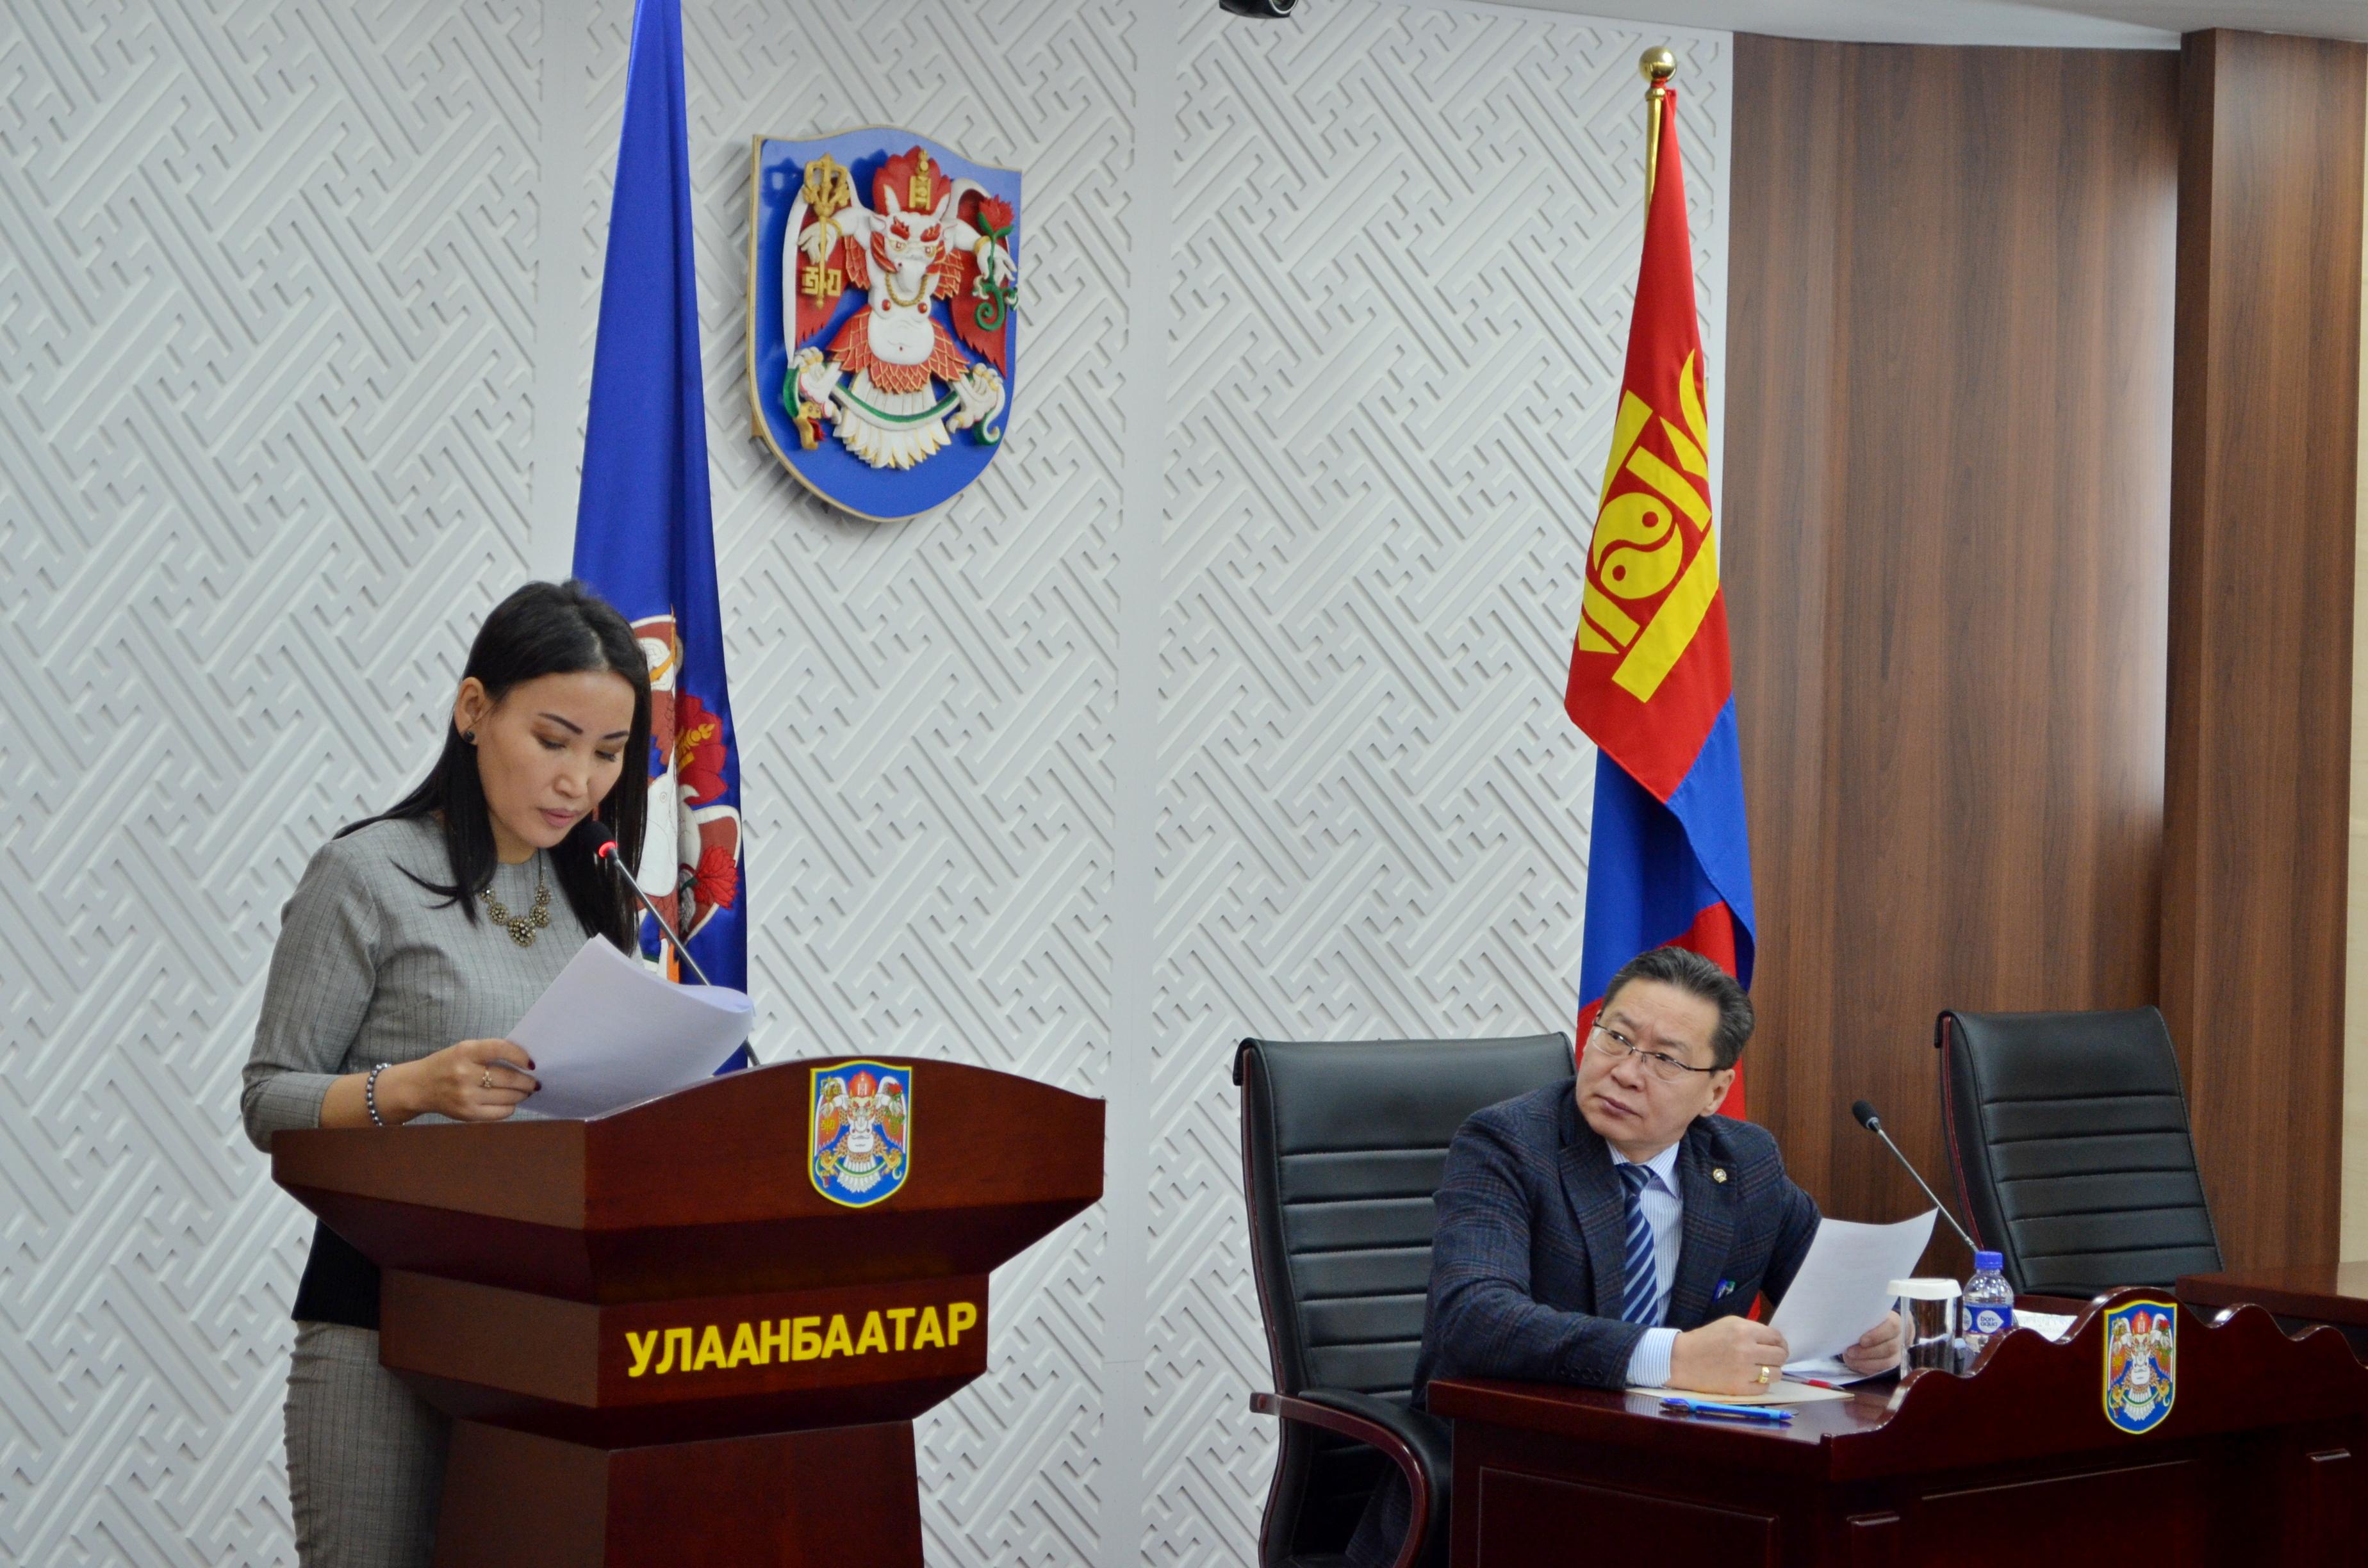 Улаанбаатар хотын Ерөнхий менежерийн 2019 оны 04 дүгээр сарын 12-ны өдрийн Шуурхай зөвлөгөөнөөр өгч буй үүрэг даалгавар